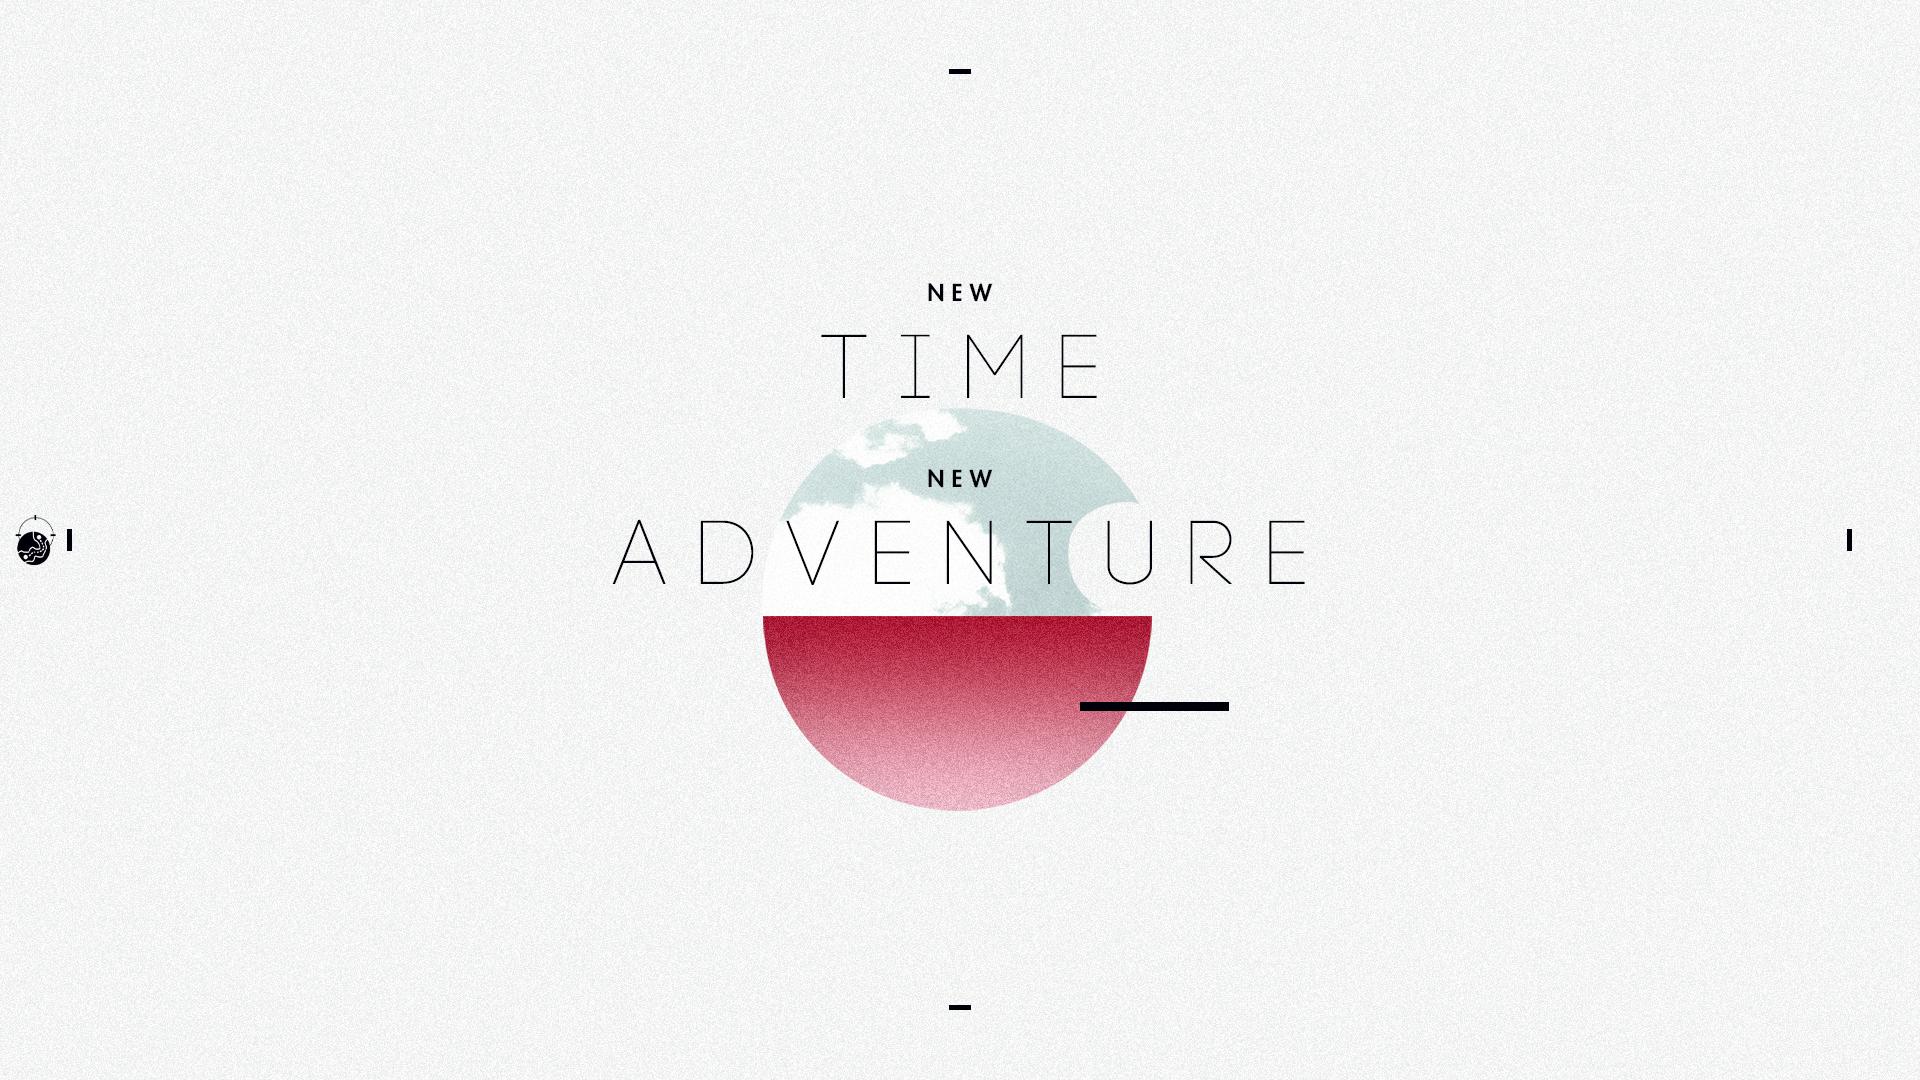 Bureau Veritas - One Time, One Adventure